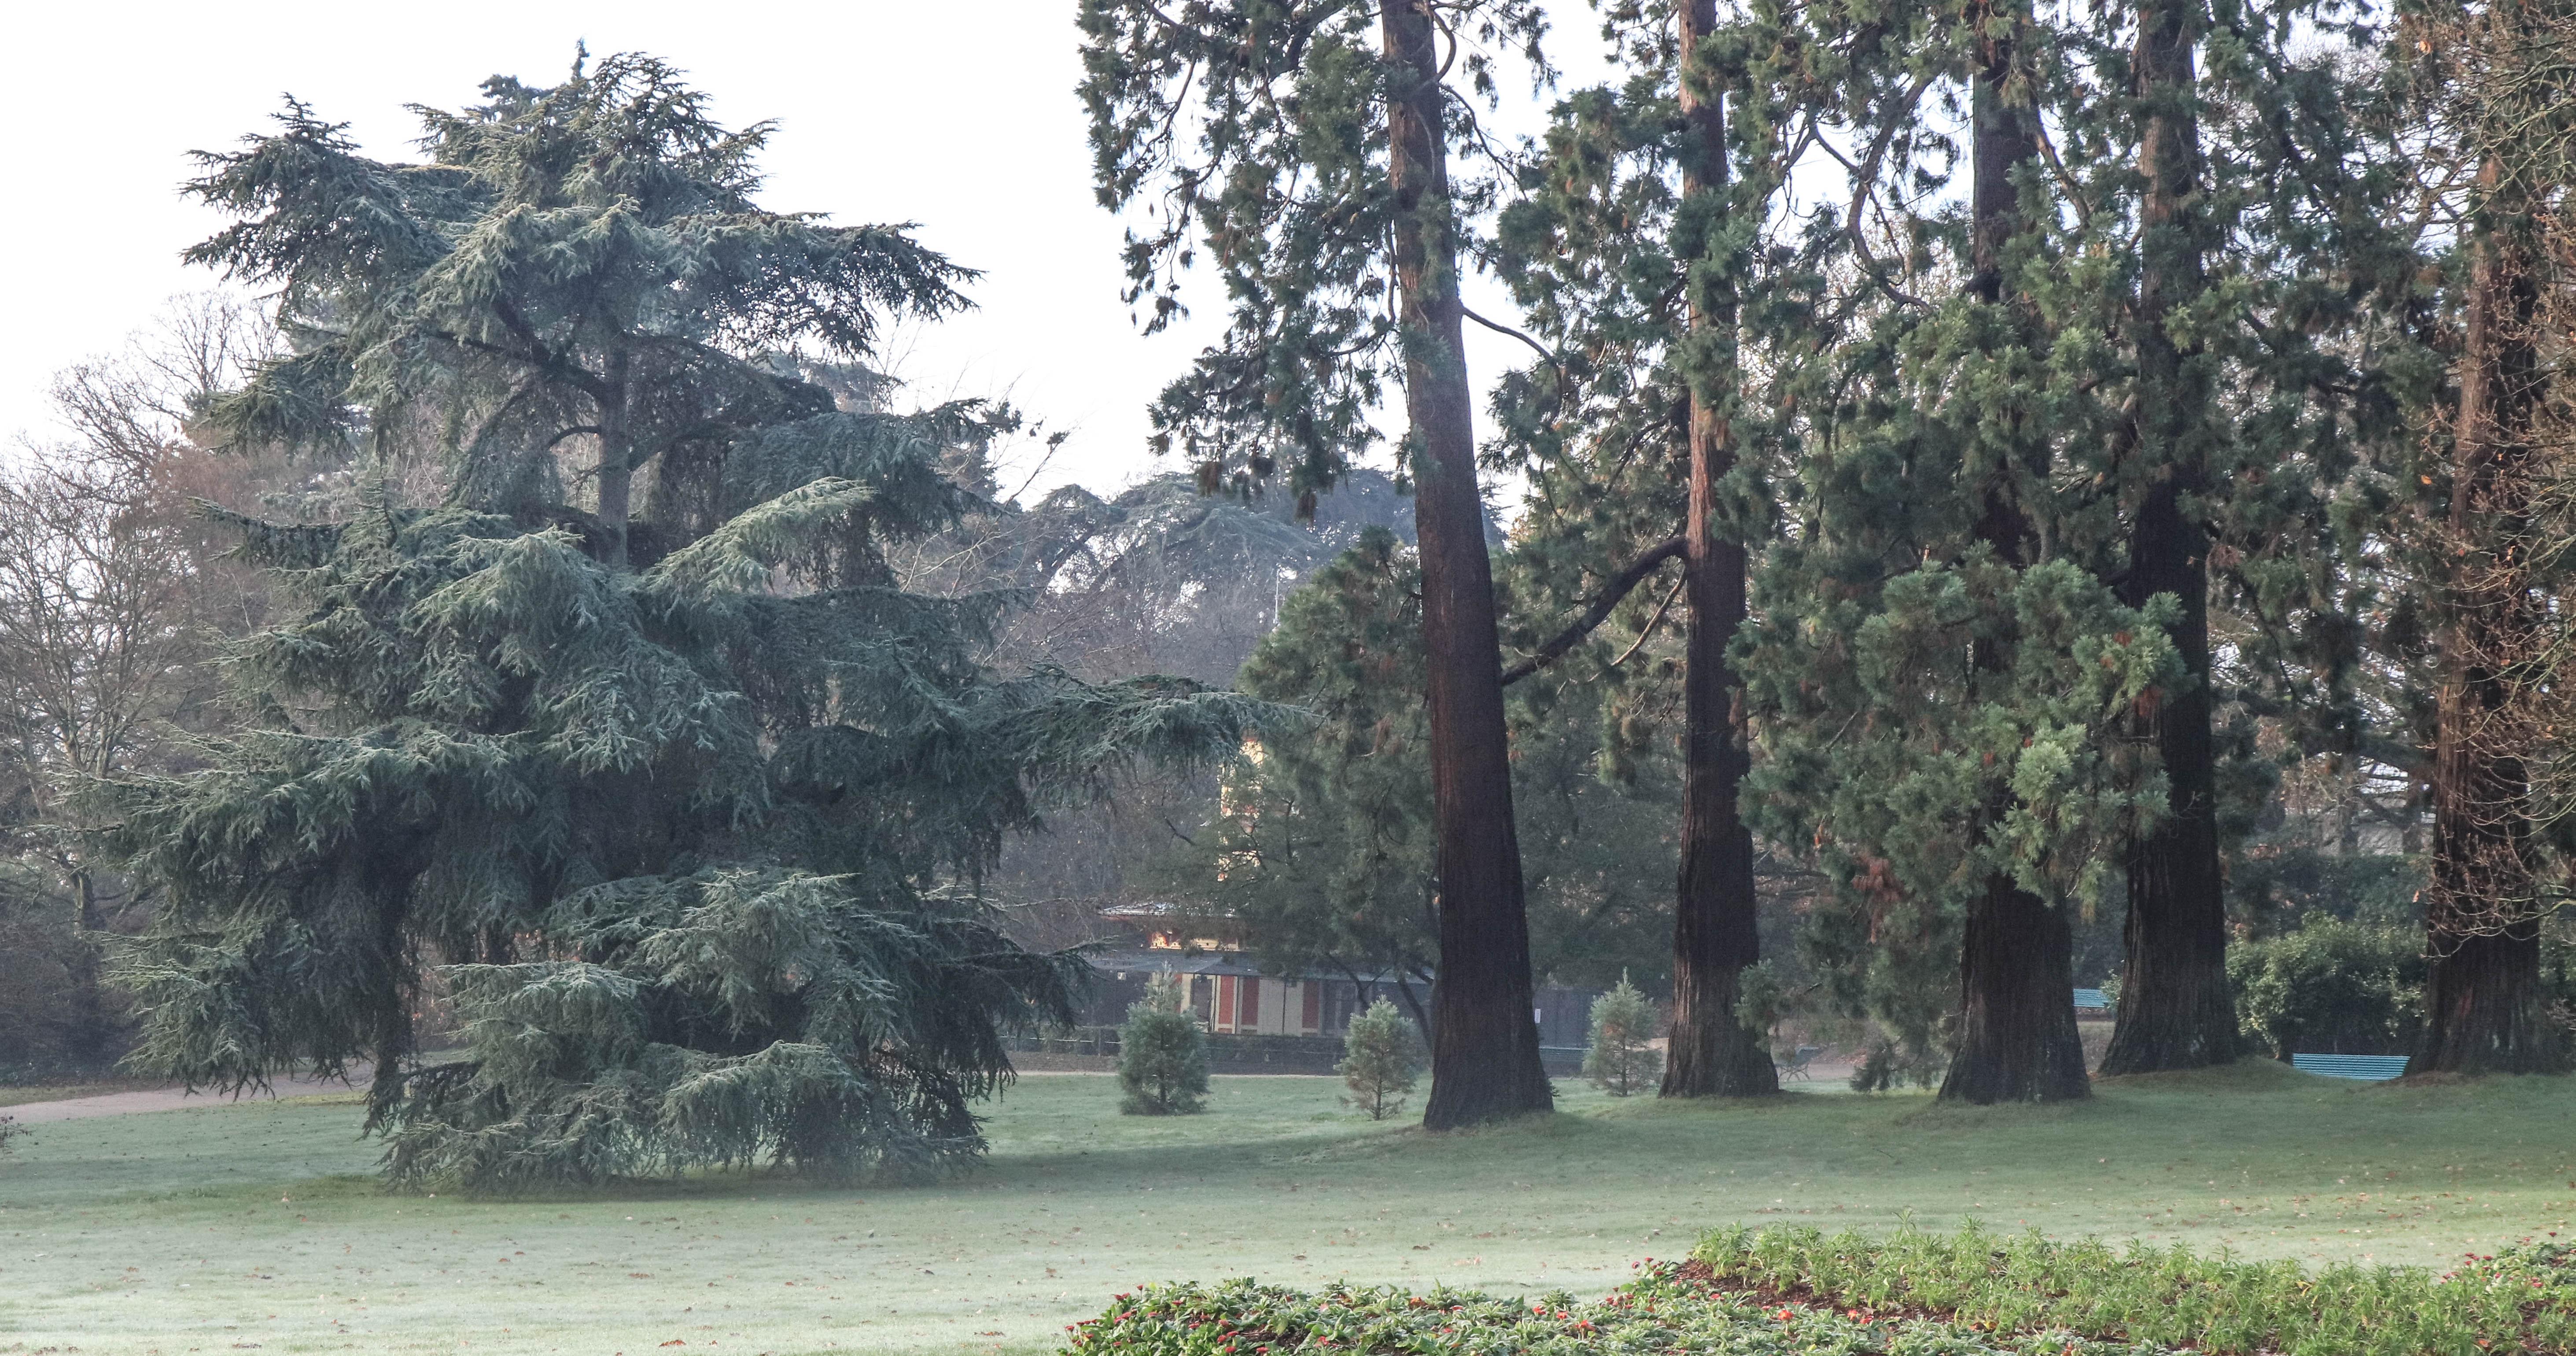 parc du Thabor, rennes, 16 déc.18, 10h18 (1 sur 1).jpg